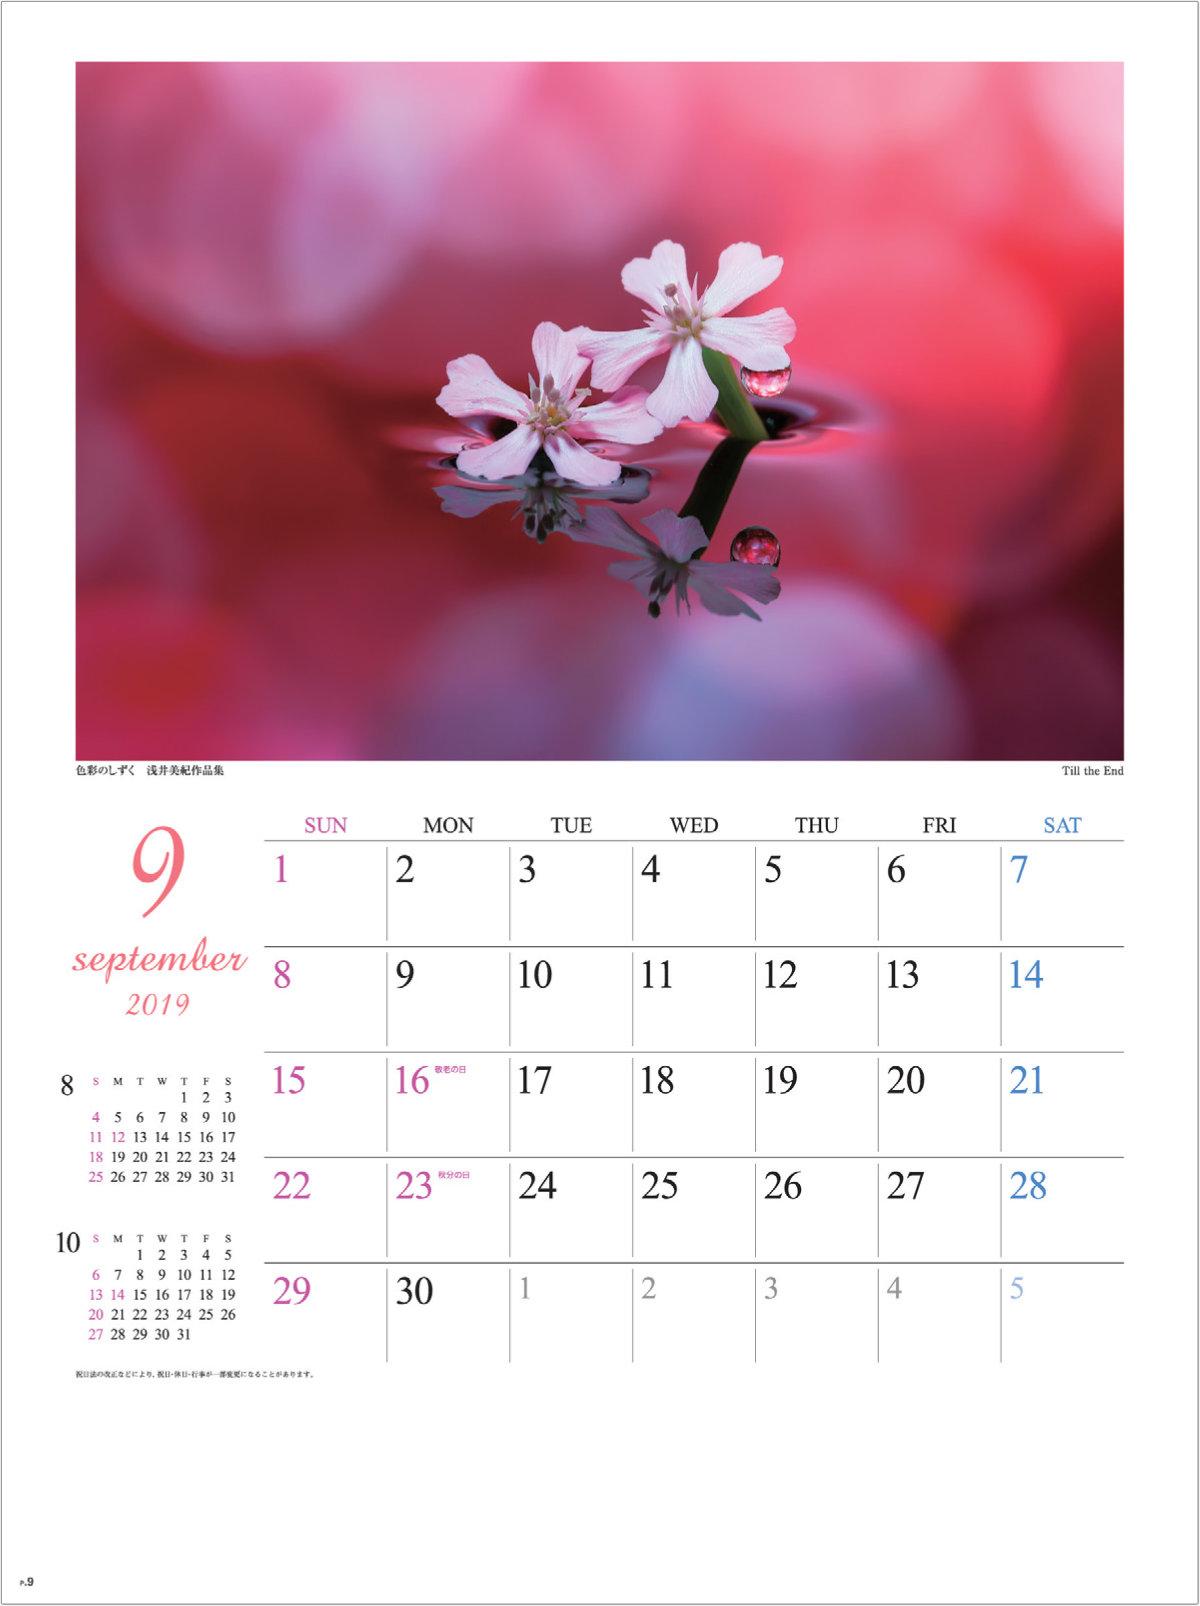 画像:浅井美紀 写真作品「Till the End」 色彩のしずく・浅井美紀作品集 2019年カレンダー